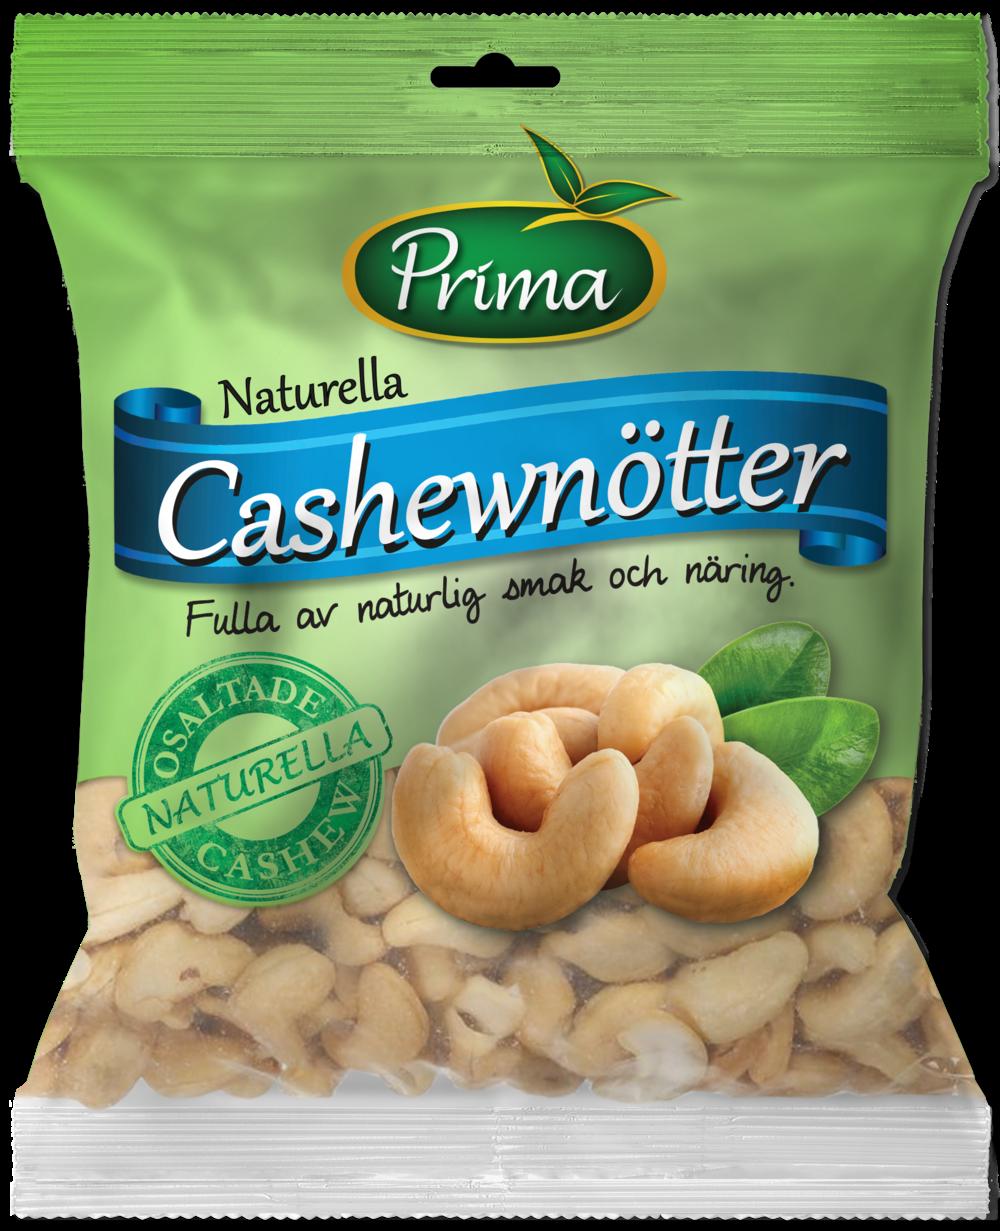 Cashewnötter - Våra naturella Cashewnötter innehåller naturligt mycket omättade fetter och är rika på mineraler, vitaminer och protein.Ingredienser:Naturella CashewkärnorNäringsvärde per 100gEnergi 590kcal/2468kJFett 46g, varav mättat fett 8gKolhydrater 26g, varav sockerarter 6gProtein 18gFiber 6gSalt 0,03g